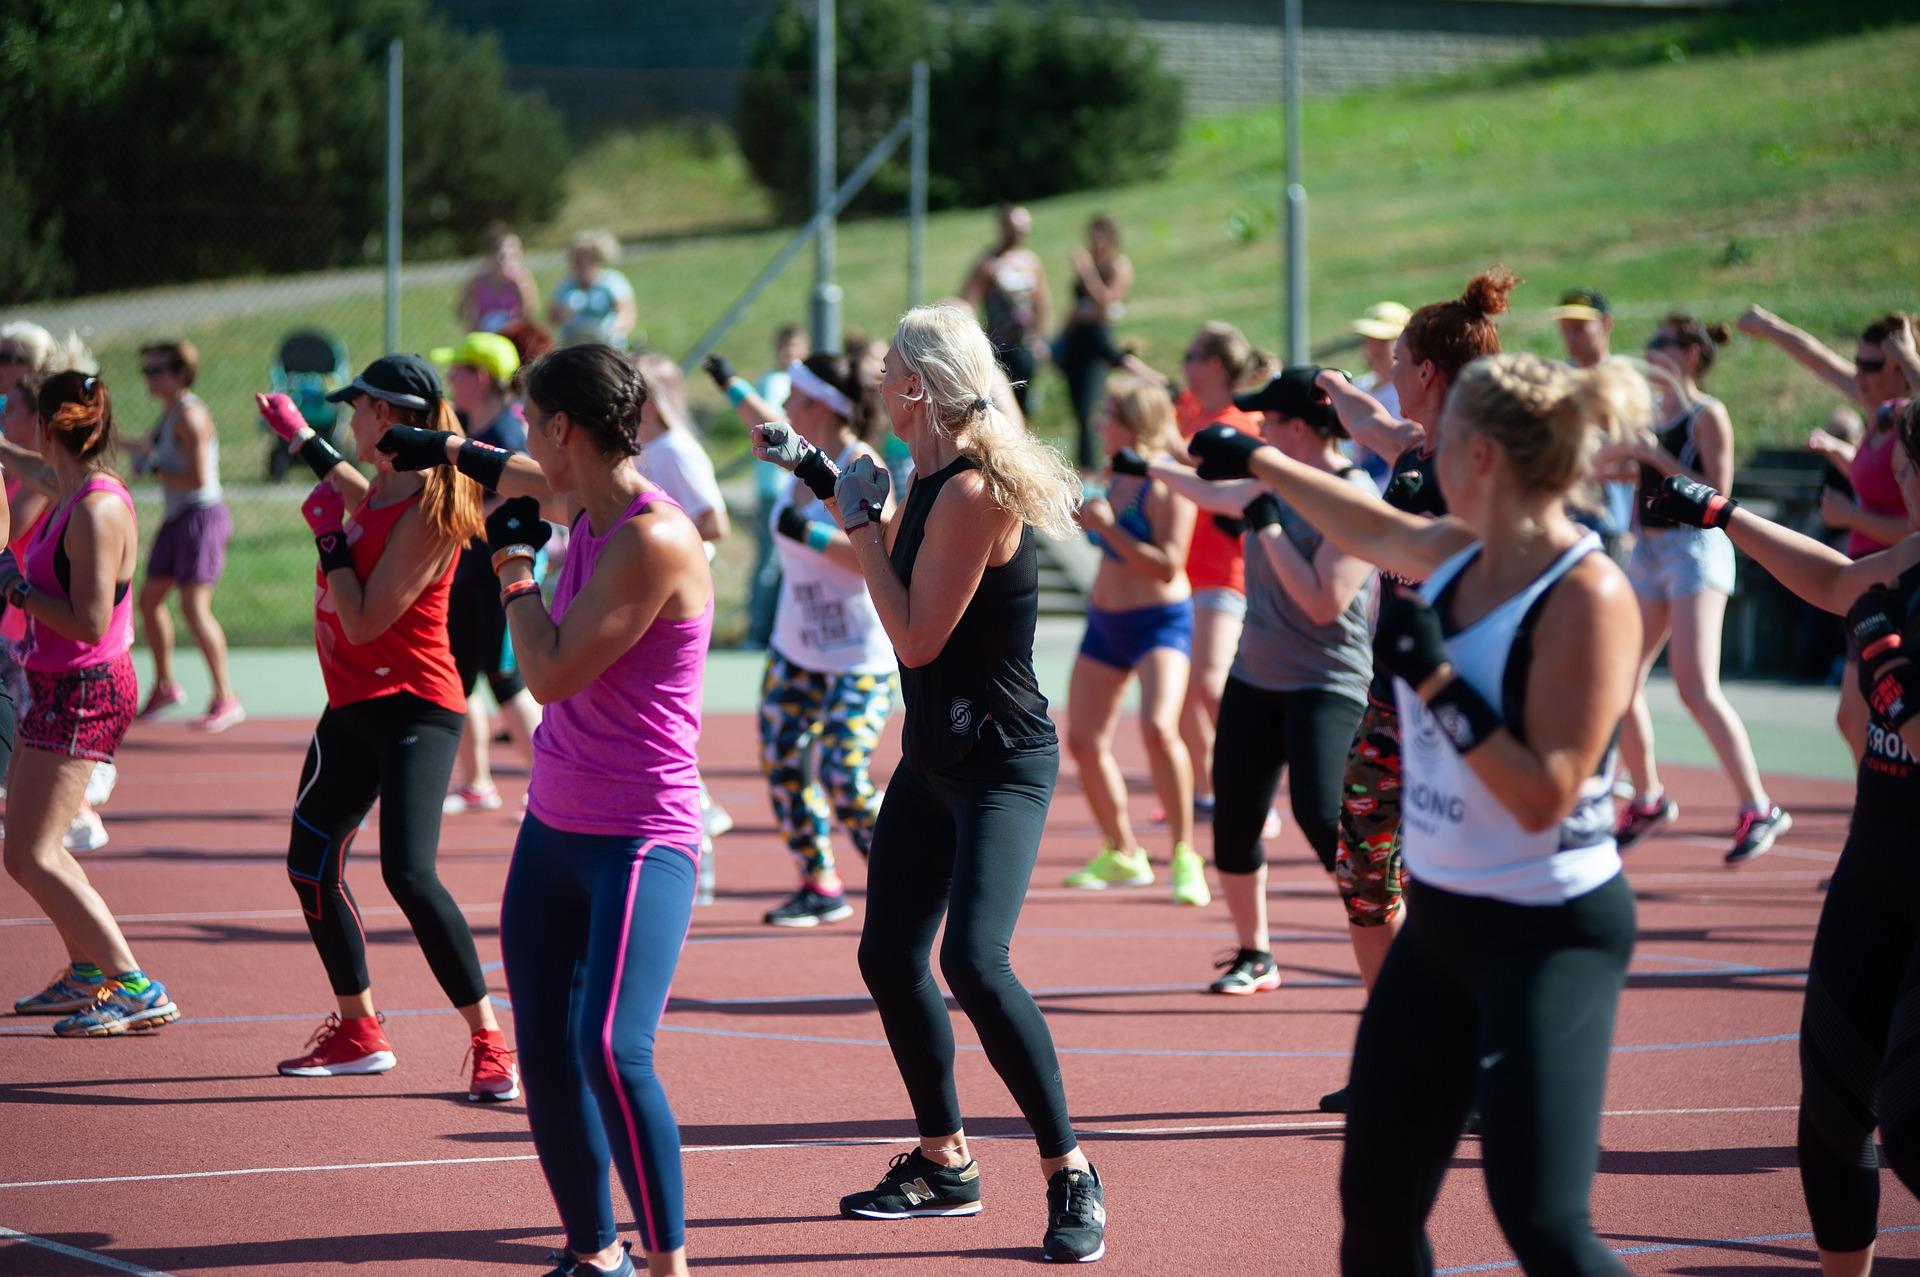 El deporte ayuda a mejorar la salud mental